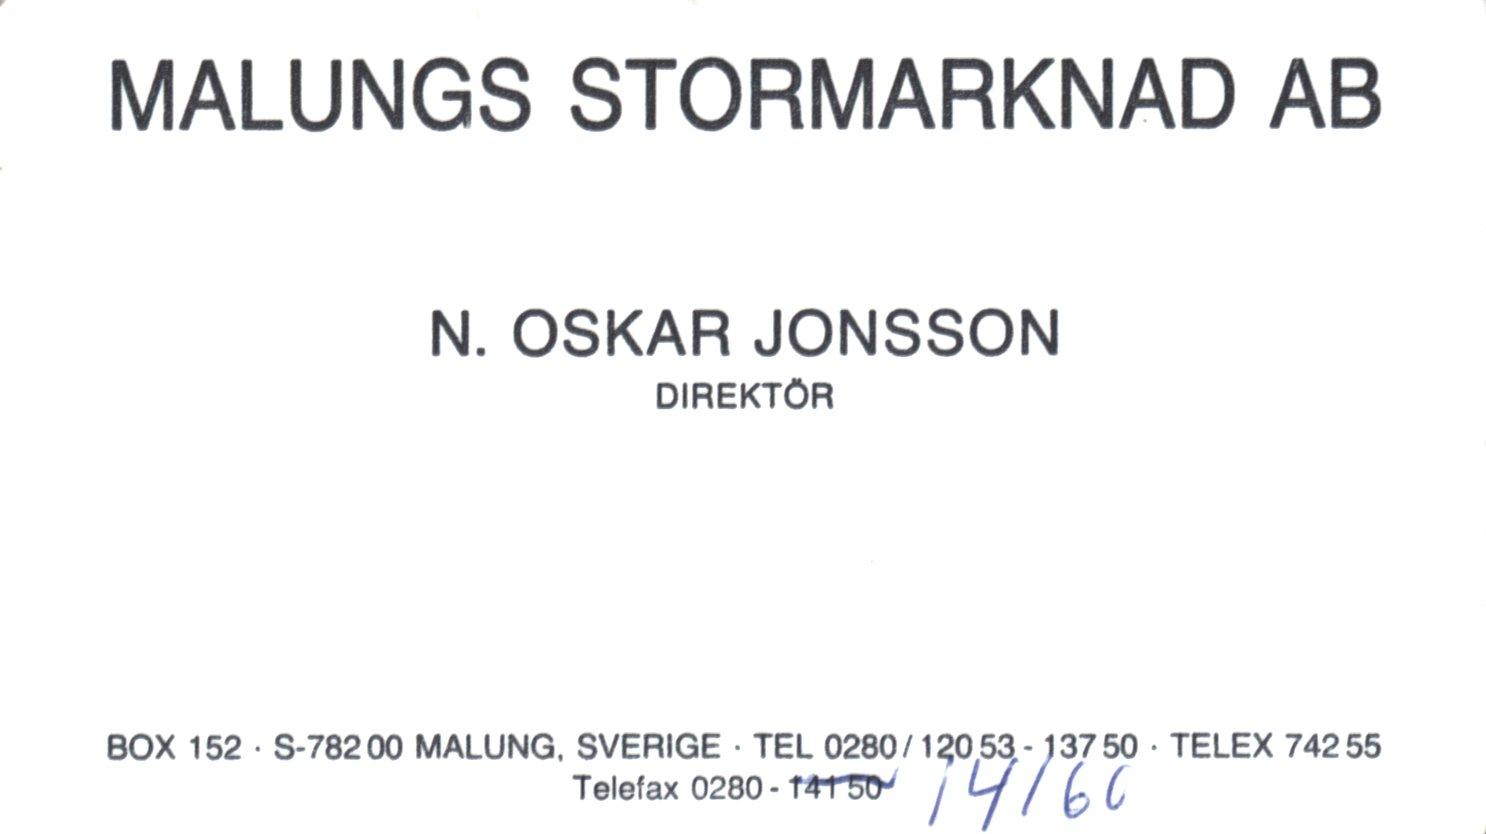 Niss Oskar visitkort malungs stormarknad